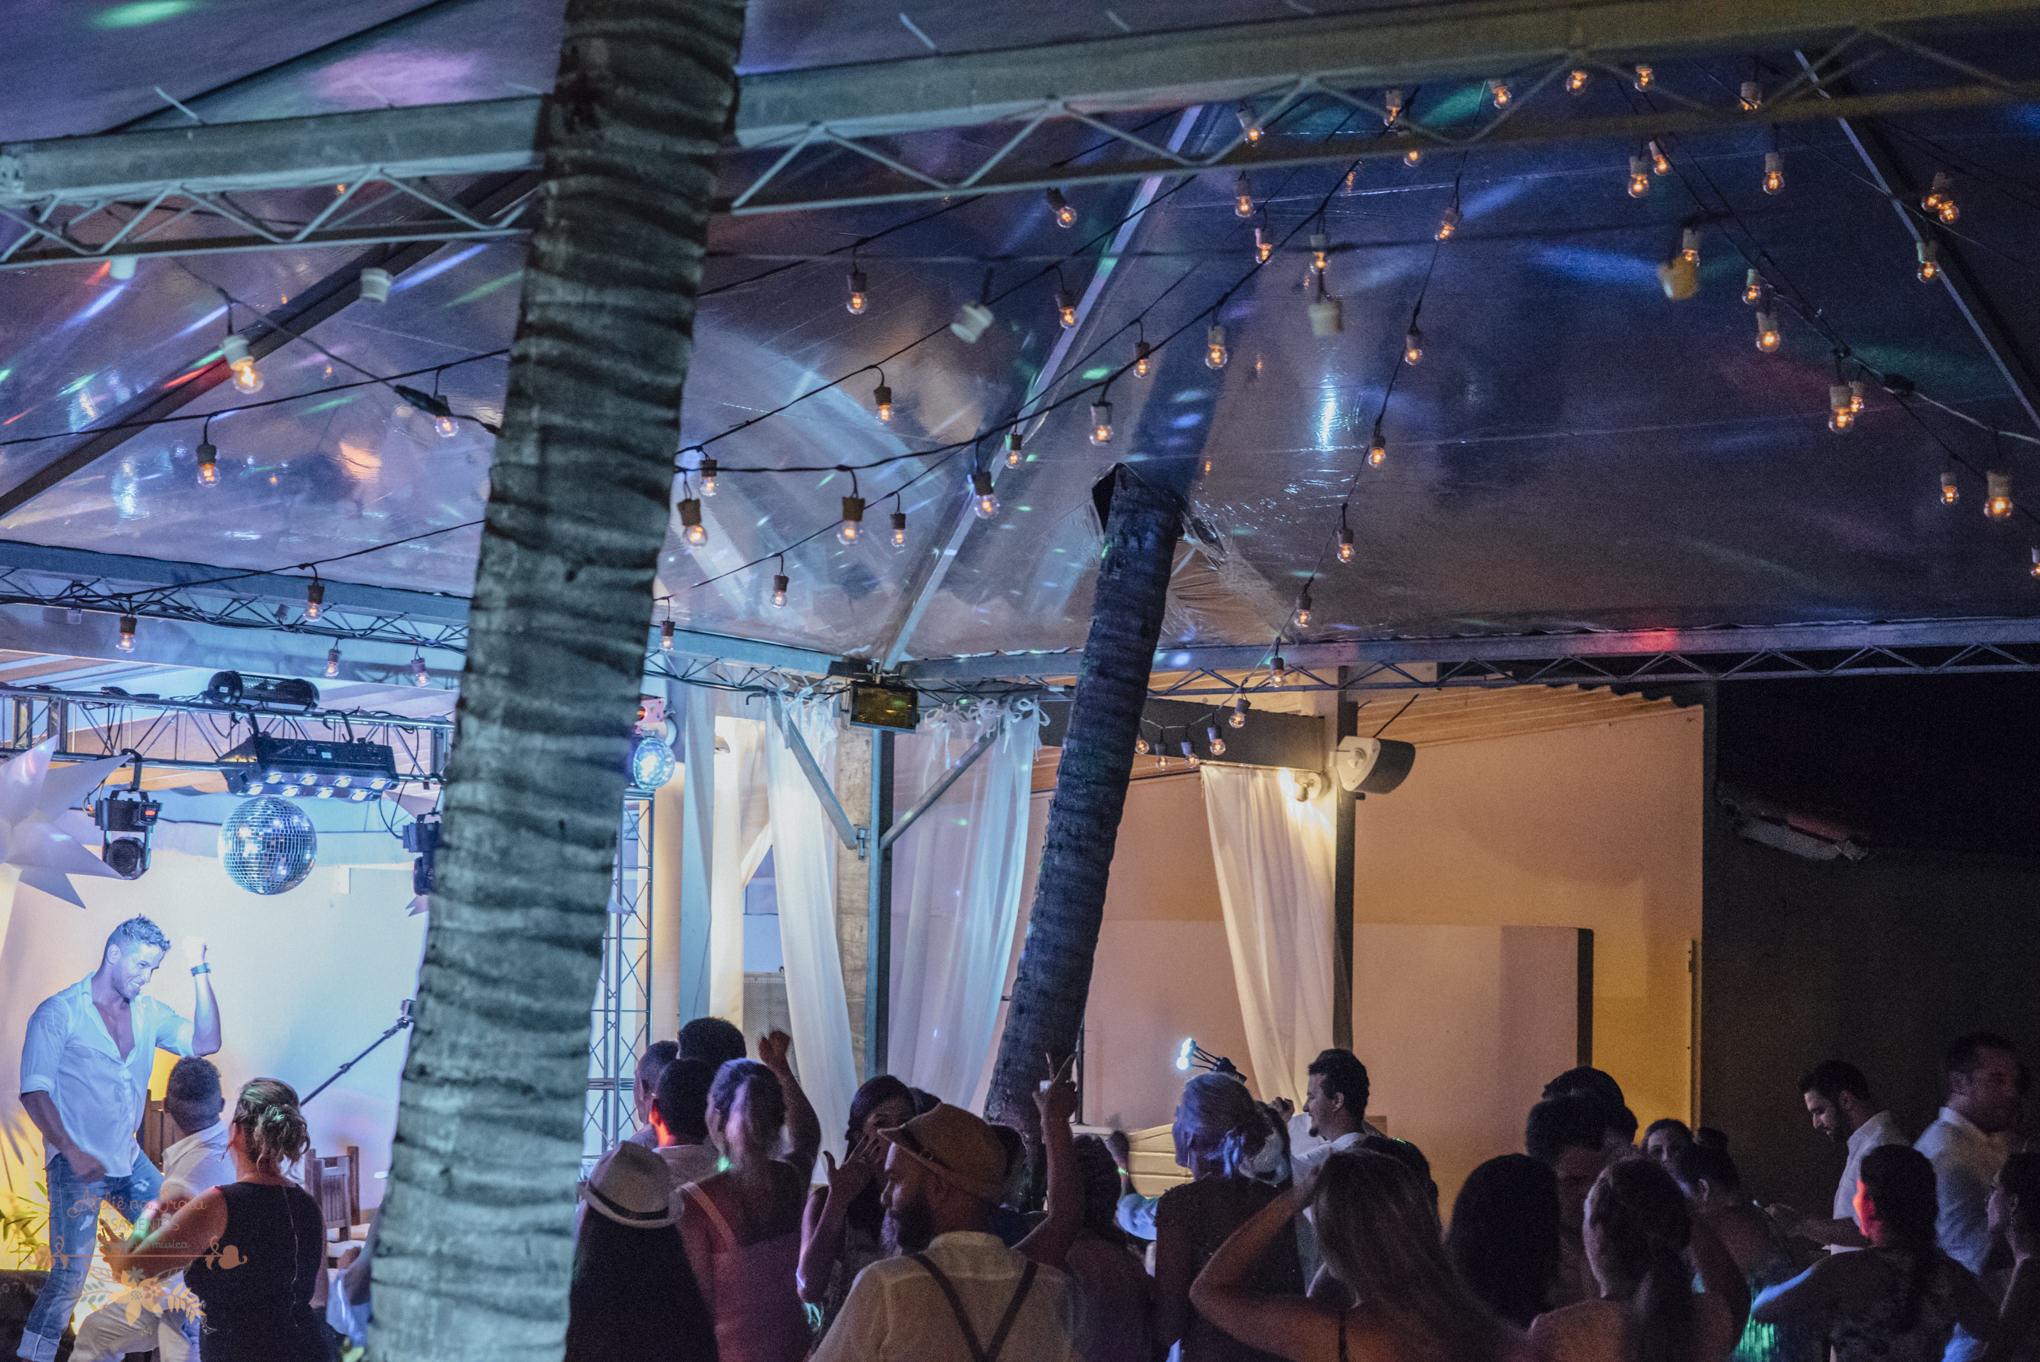 07-Festa-Atelie-na-Praia-Casamento-na-Praia-Natalia-Felipe-PQ-0319A